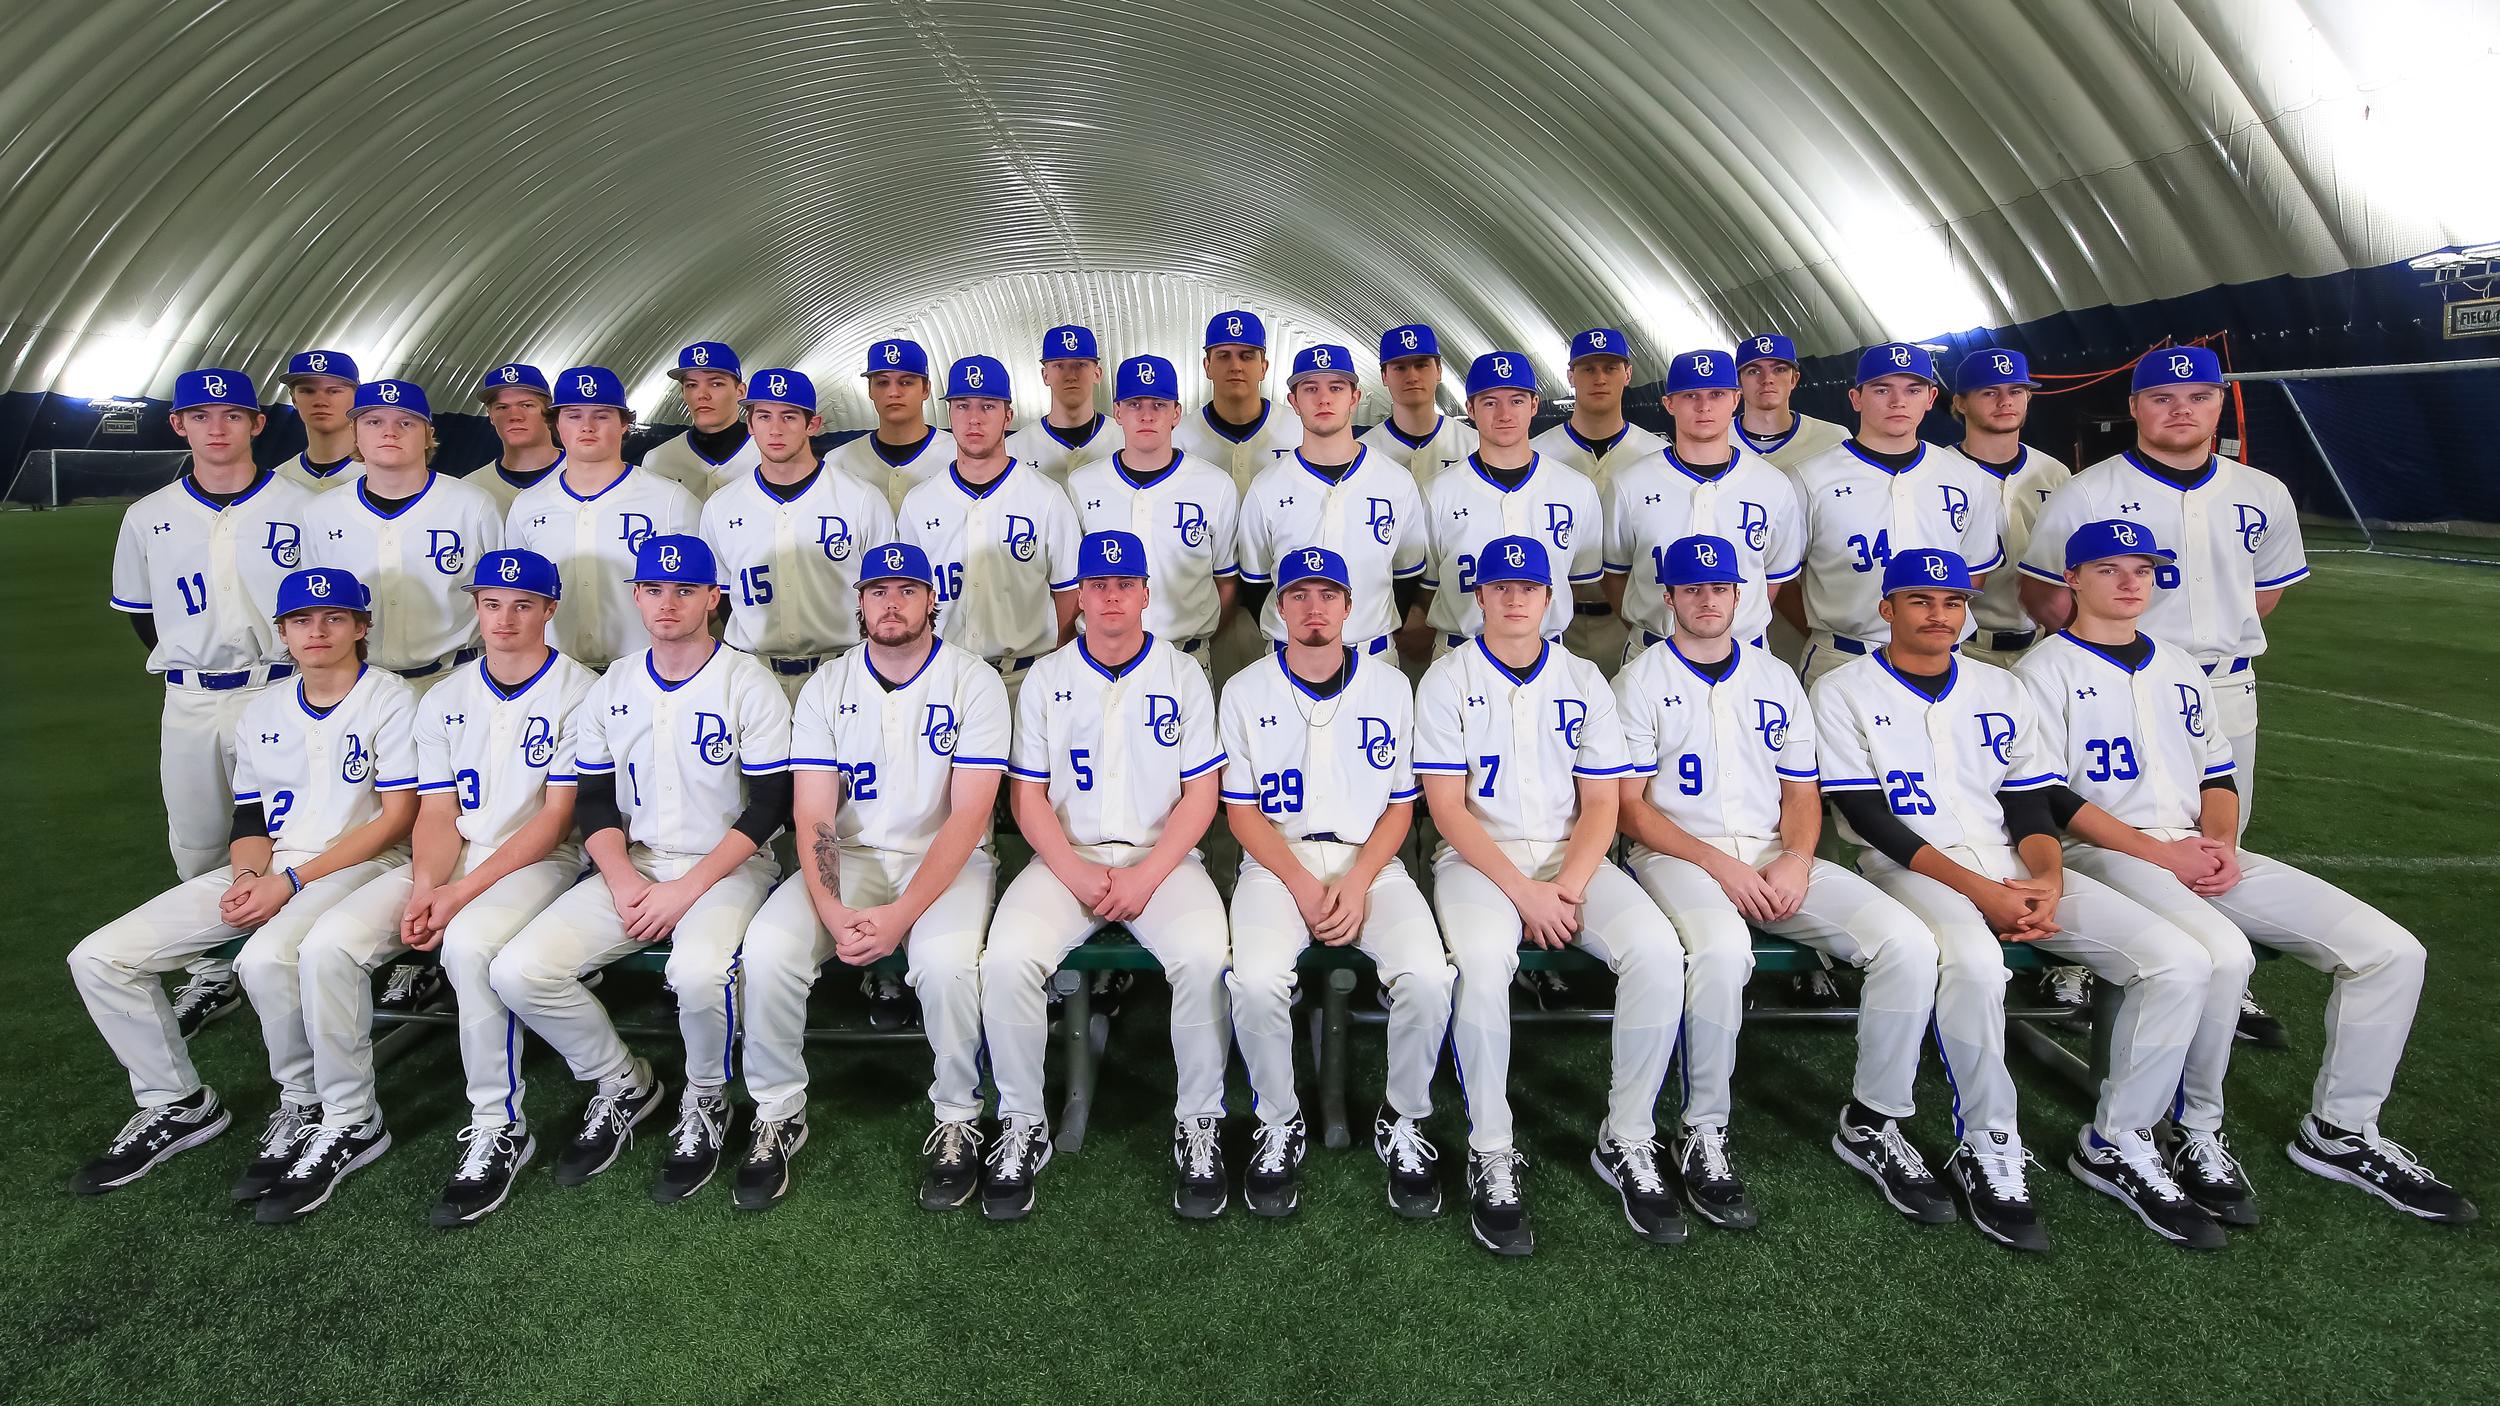 bk-baseball